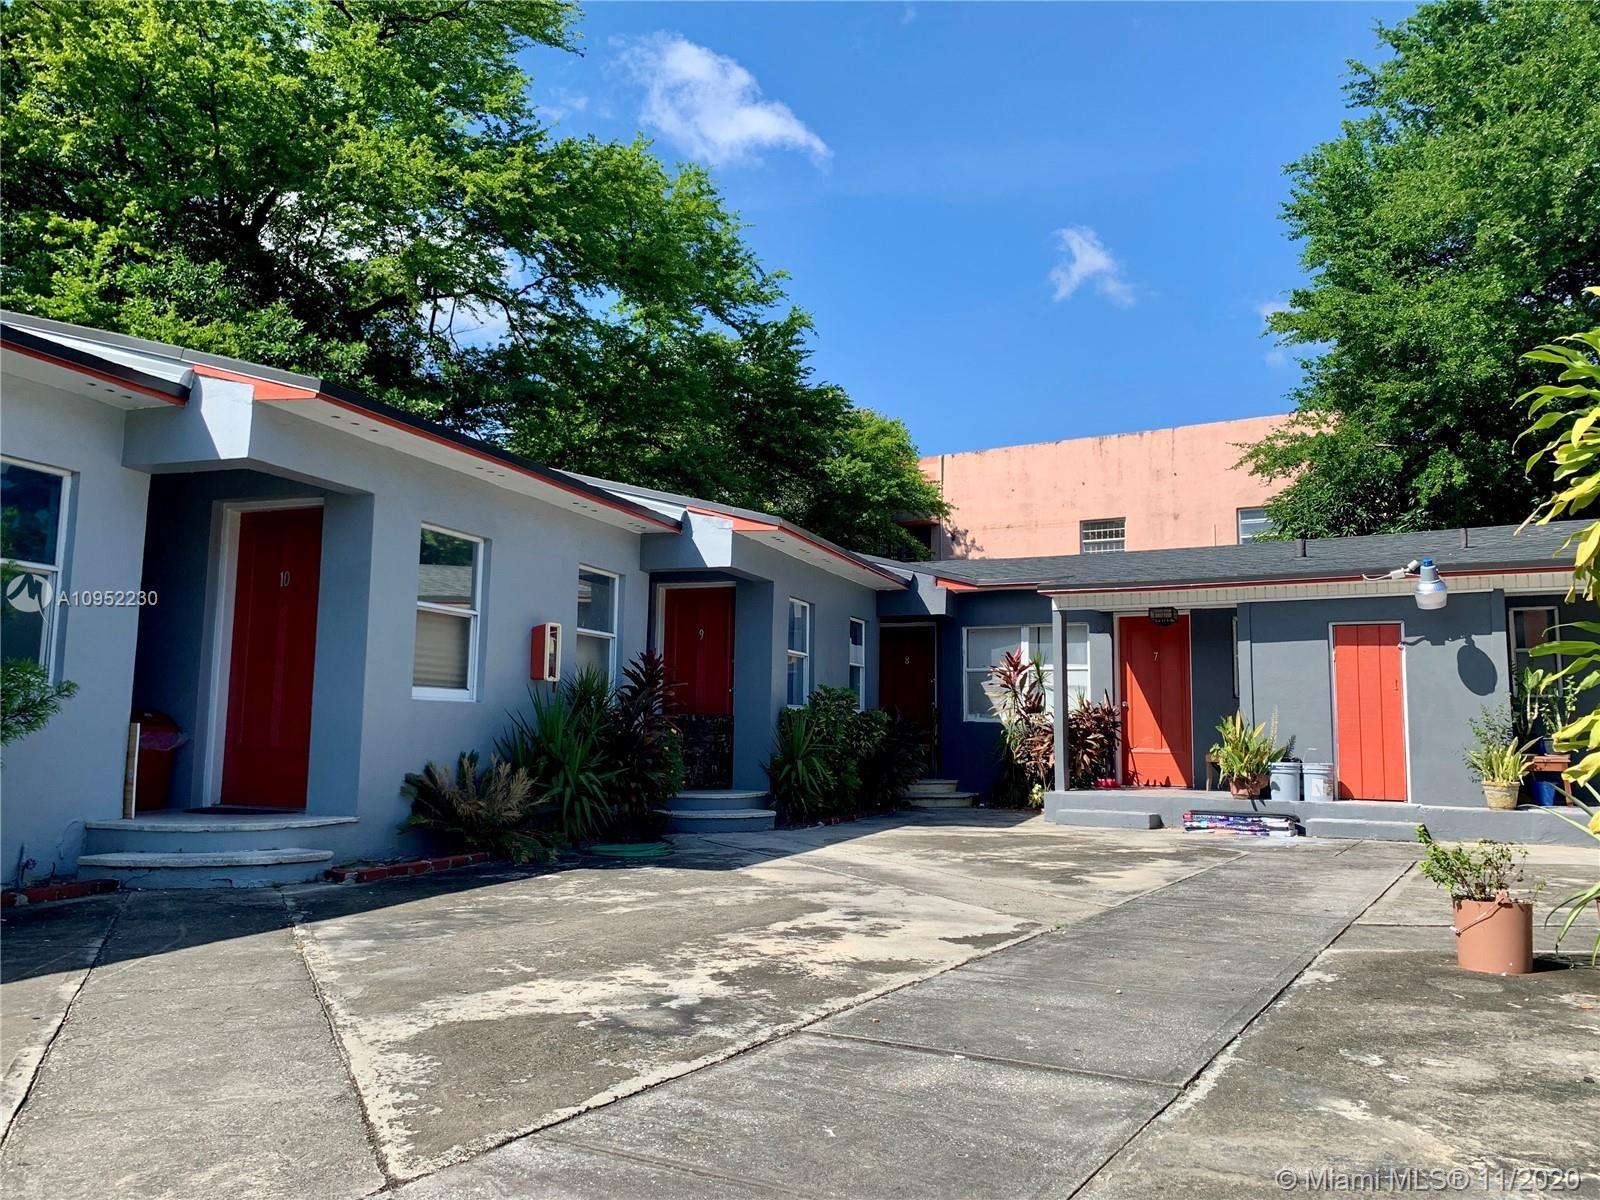 675 SW 6th St, Miami, FL 33130